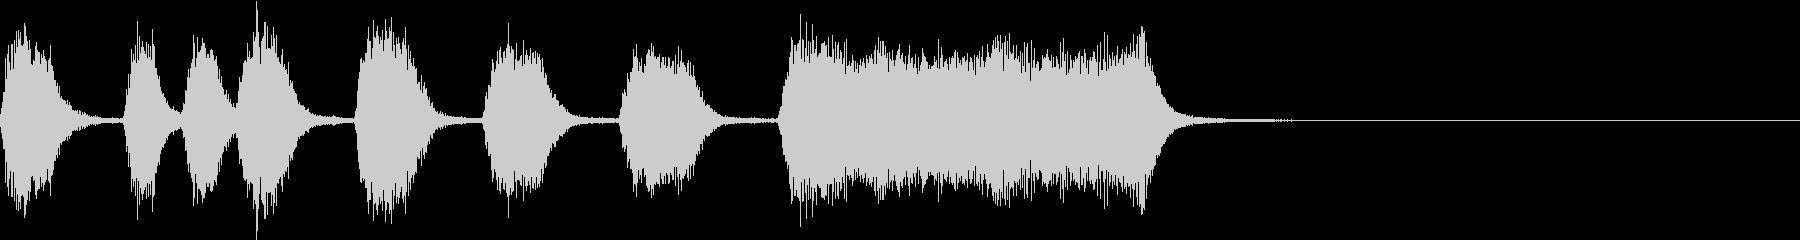 シンプル トランペット ファンファーレFの未再生の波形